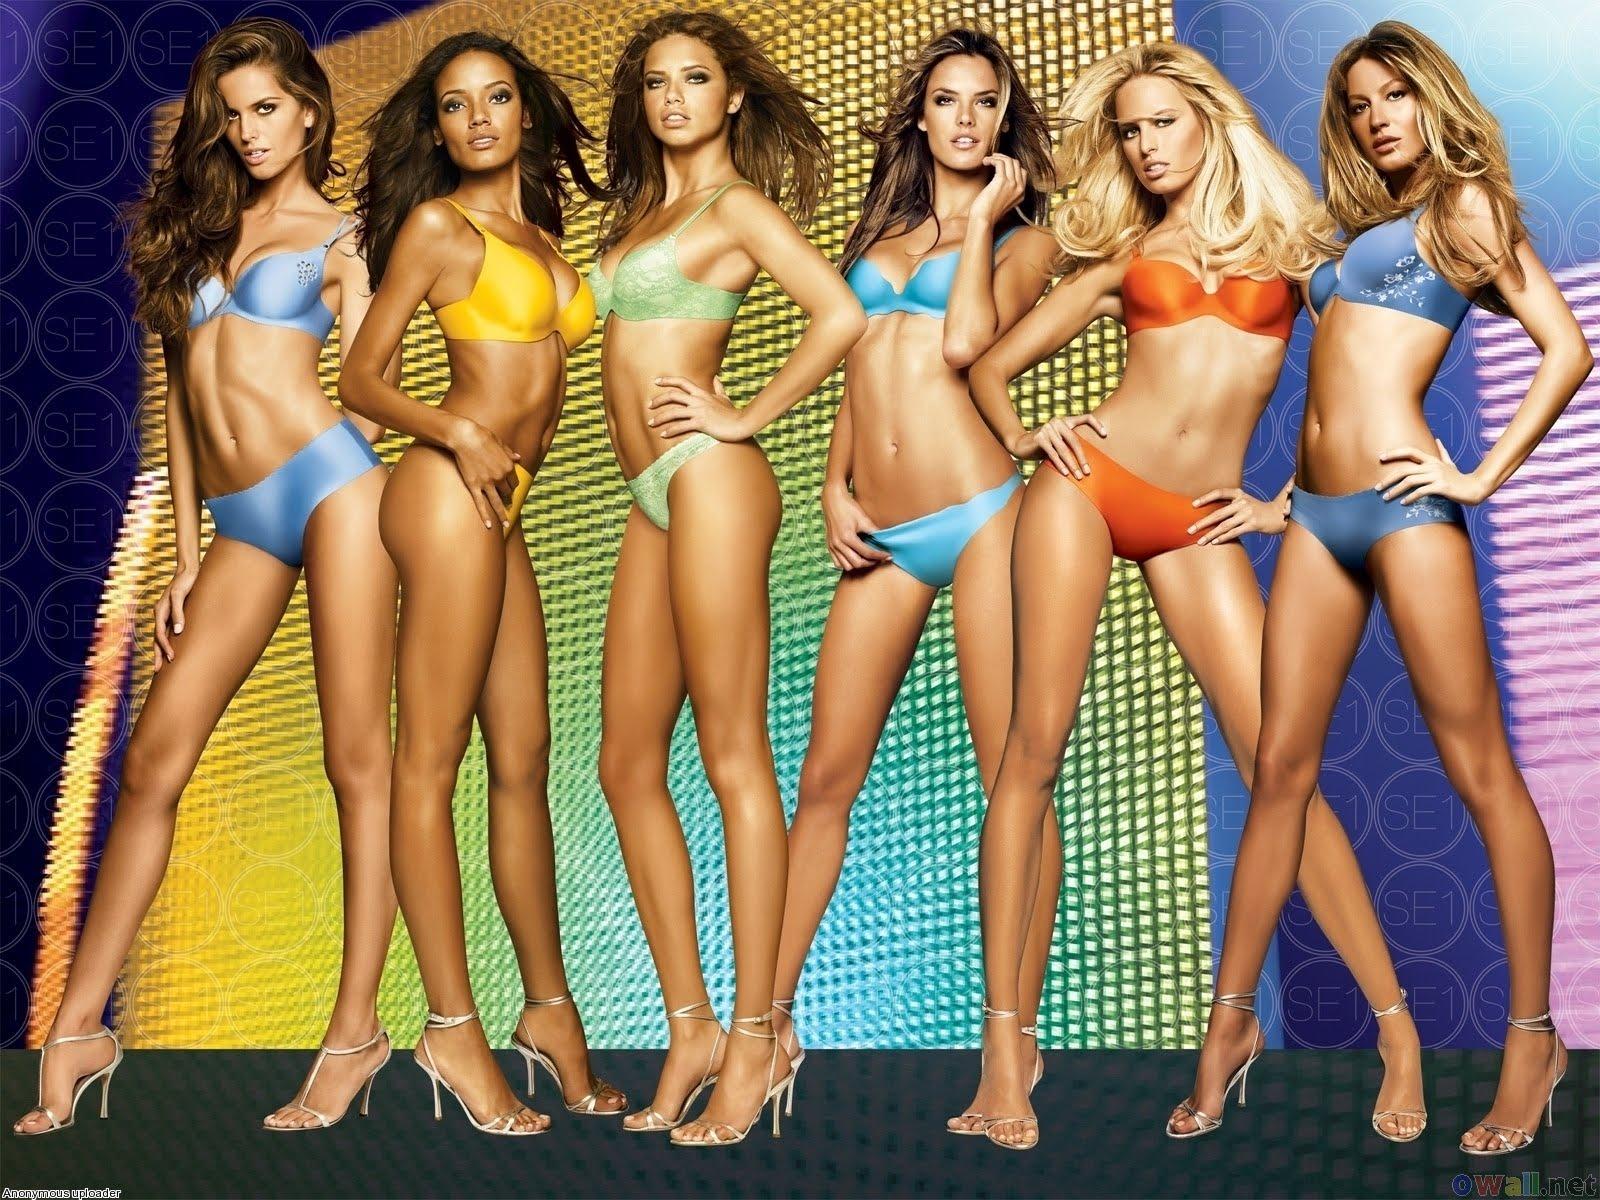 http://3.bp.blogspot.com/-okG6LKRGr5Y/TcUpqcne6iI/AAAAAAAAkUE/51urguC8z0I/s1600/victorias-secret-girls.jpg